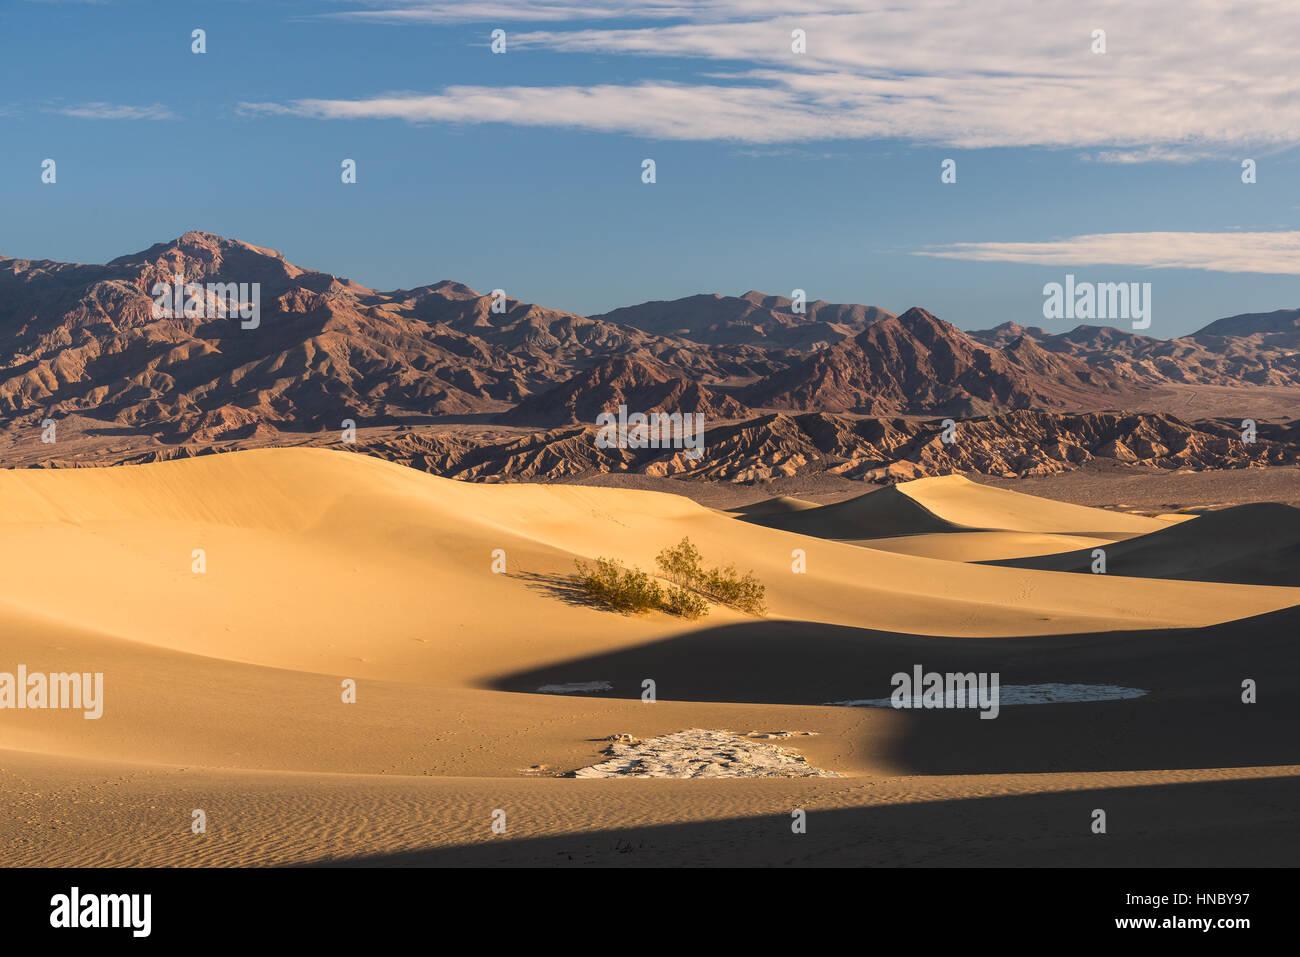 Dunes de sable de Mesquite Flats, Vallée de la mort, Californie, États-Unis Banque D'Images